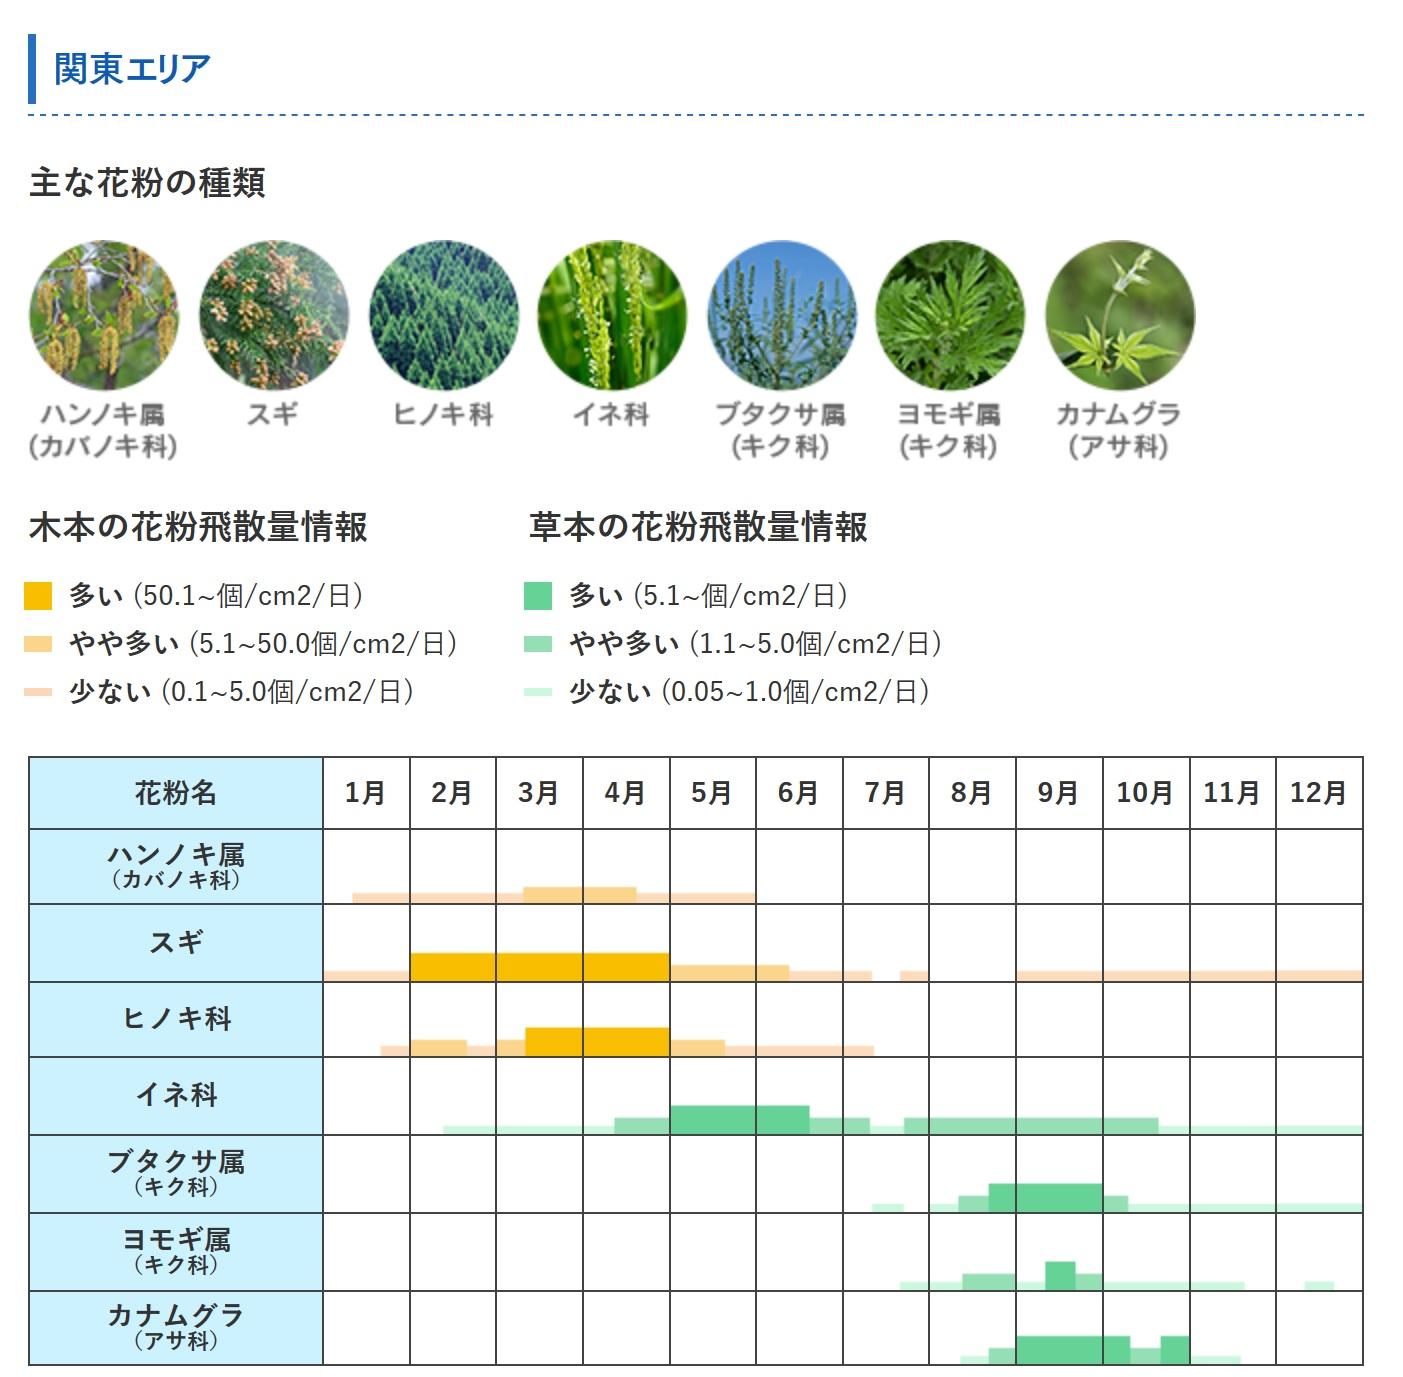 関東エリアの花粉カレンダー